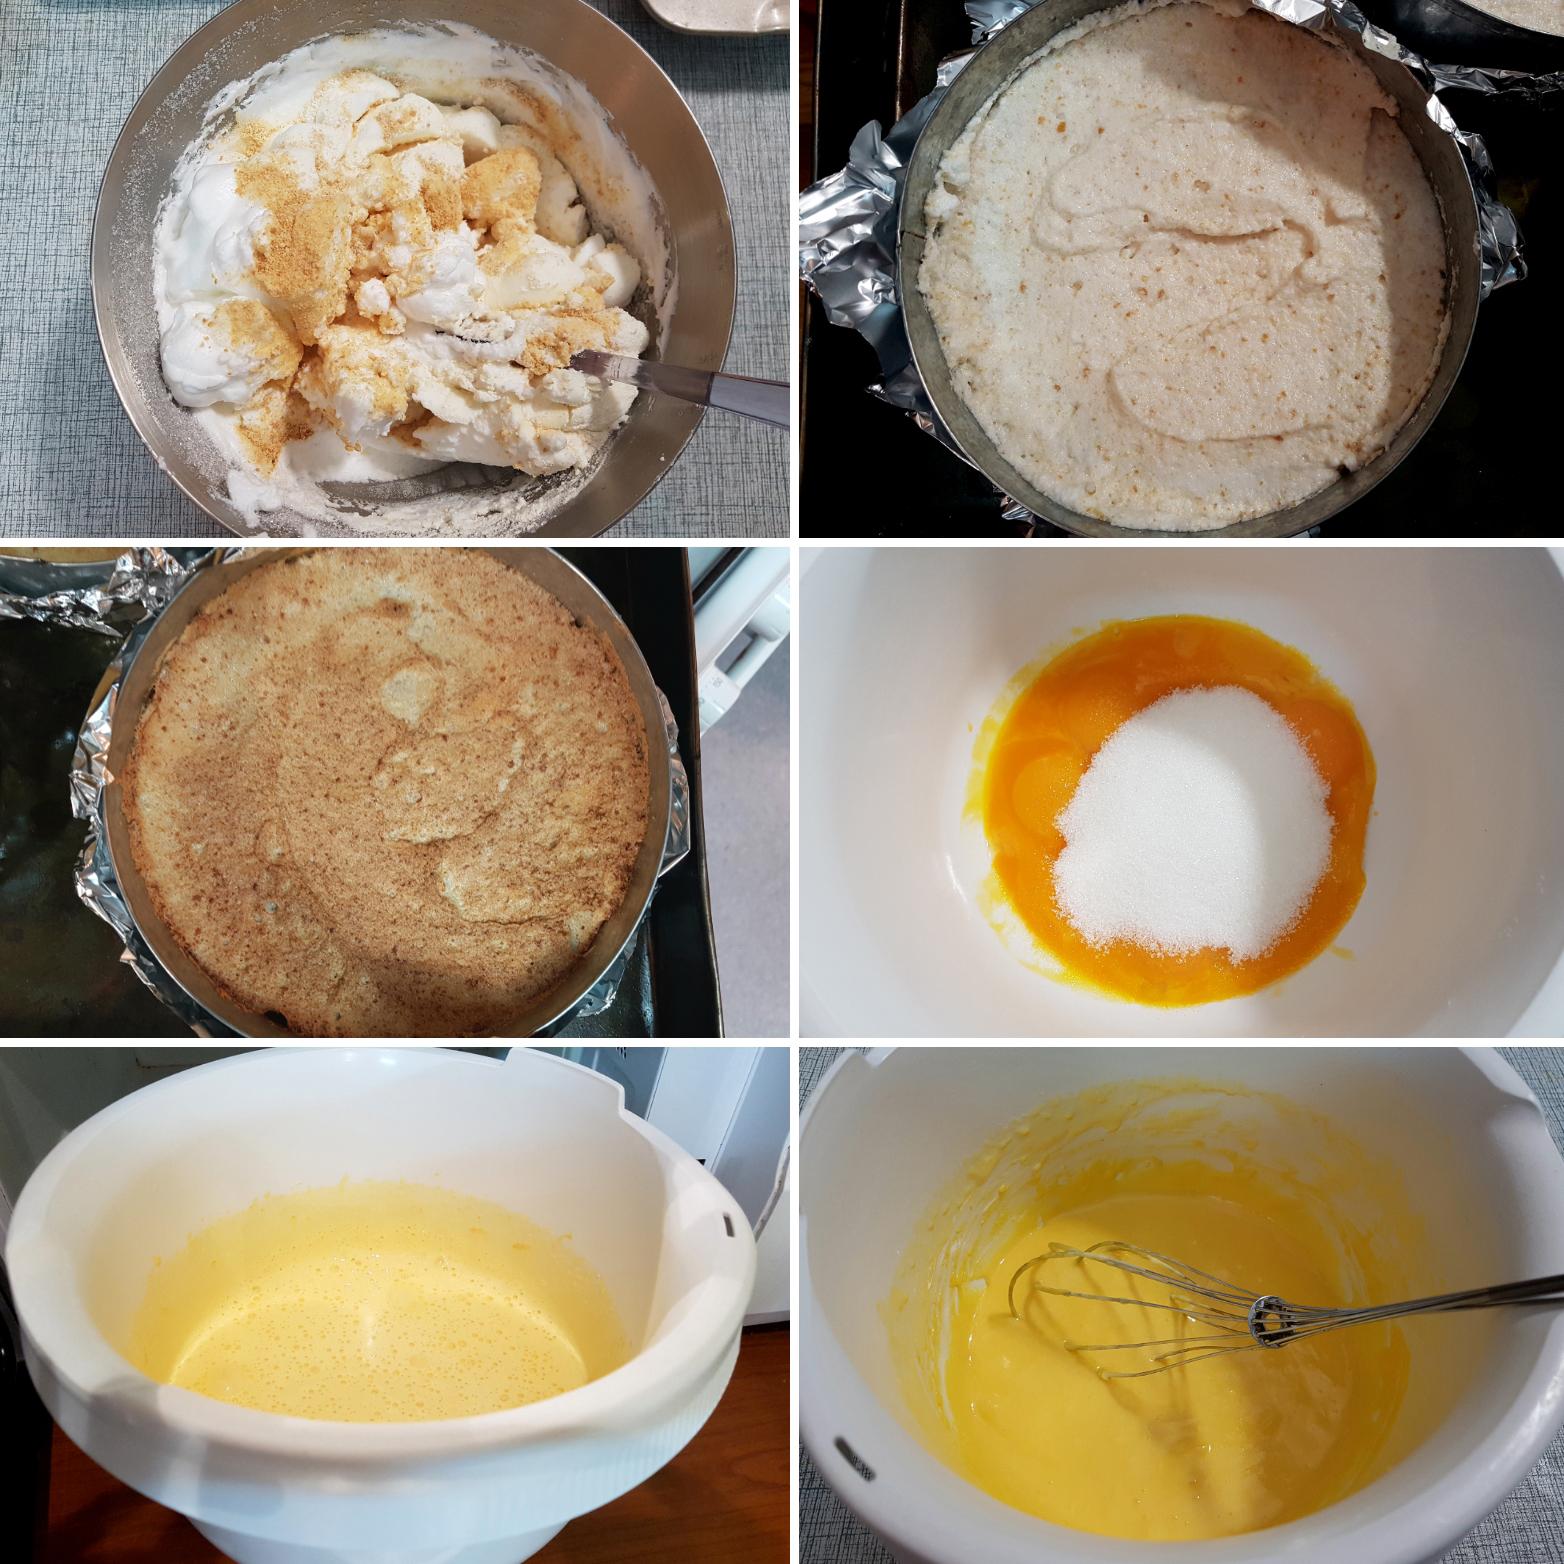 Plazma-noisette-torta-6